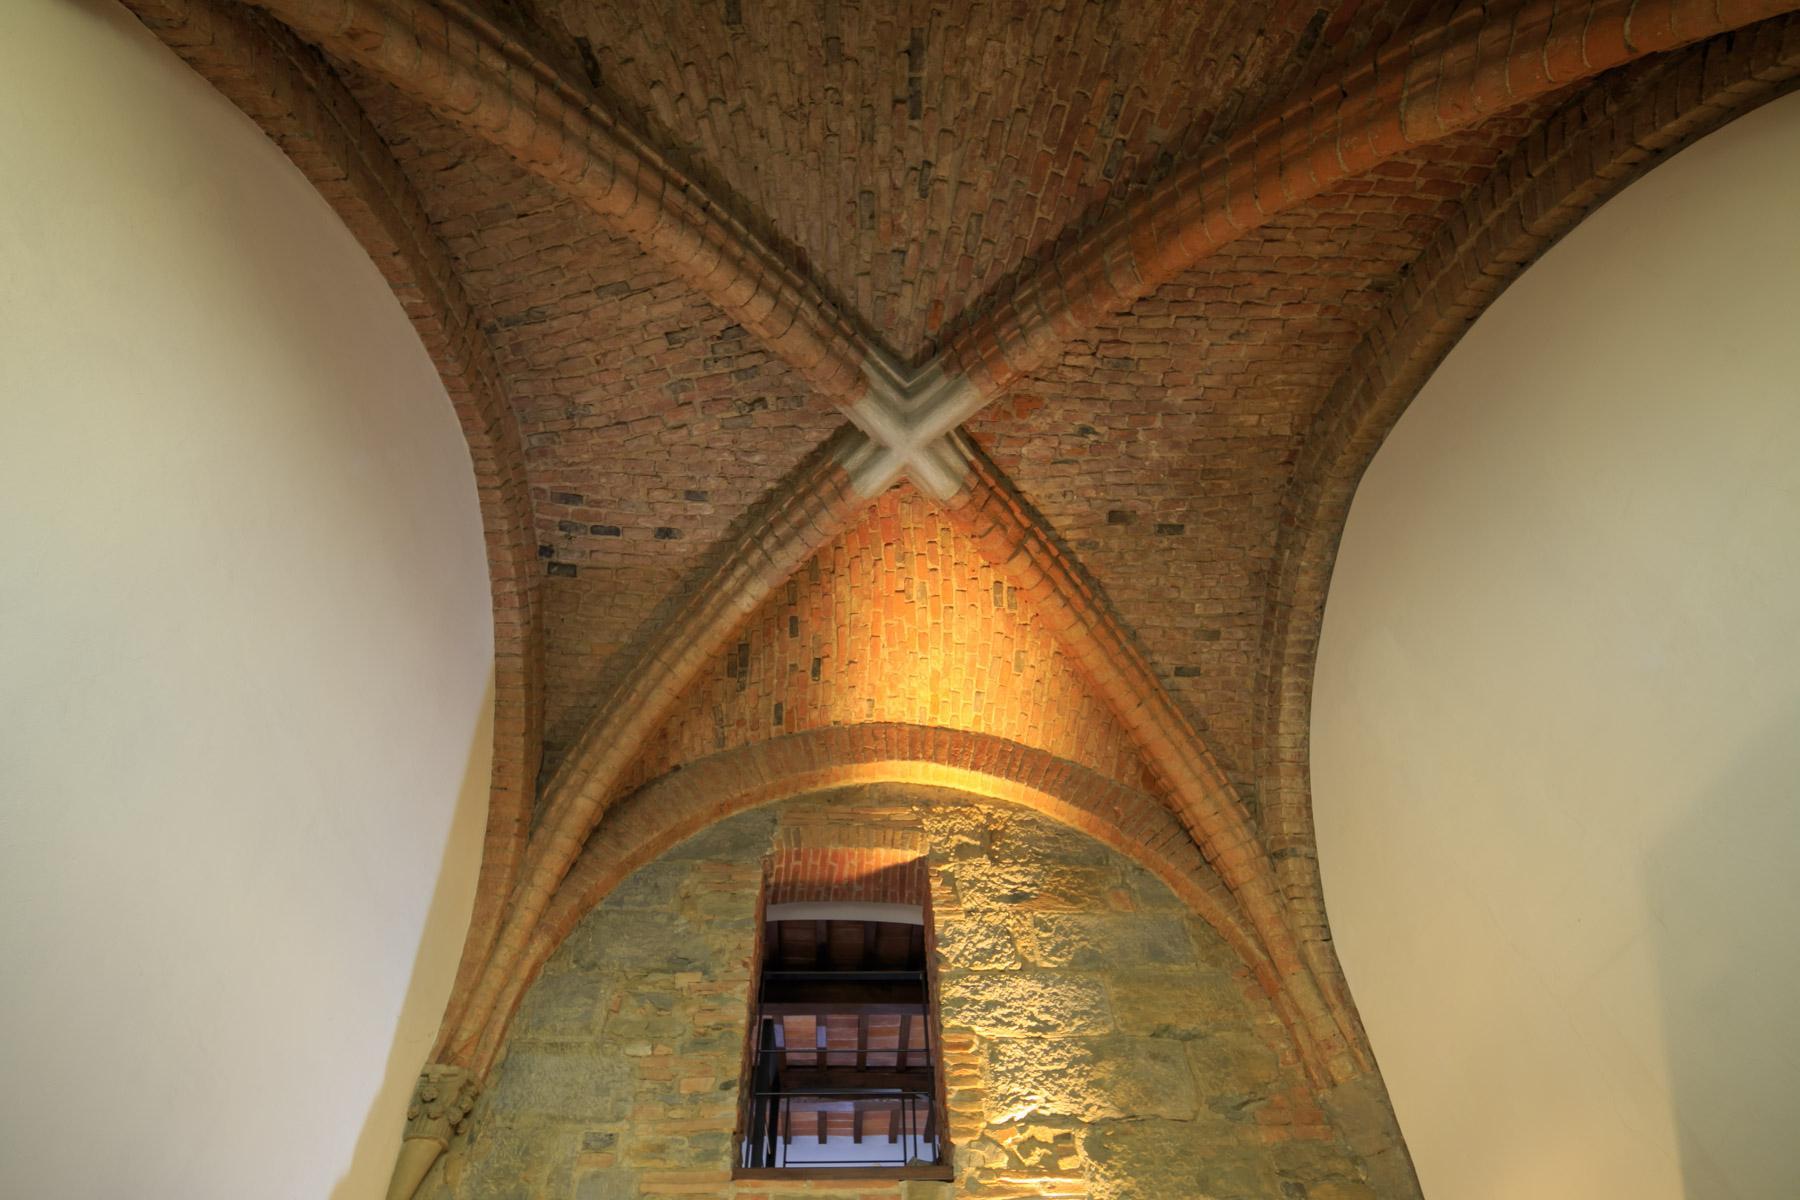 Palazzo Rinascimentale in Vendita a pochi passi da Piazza Grande, Arezzo - 8